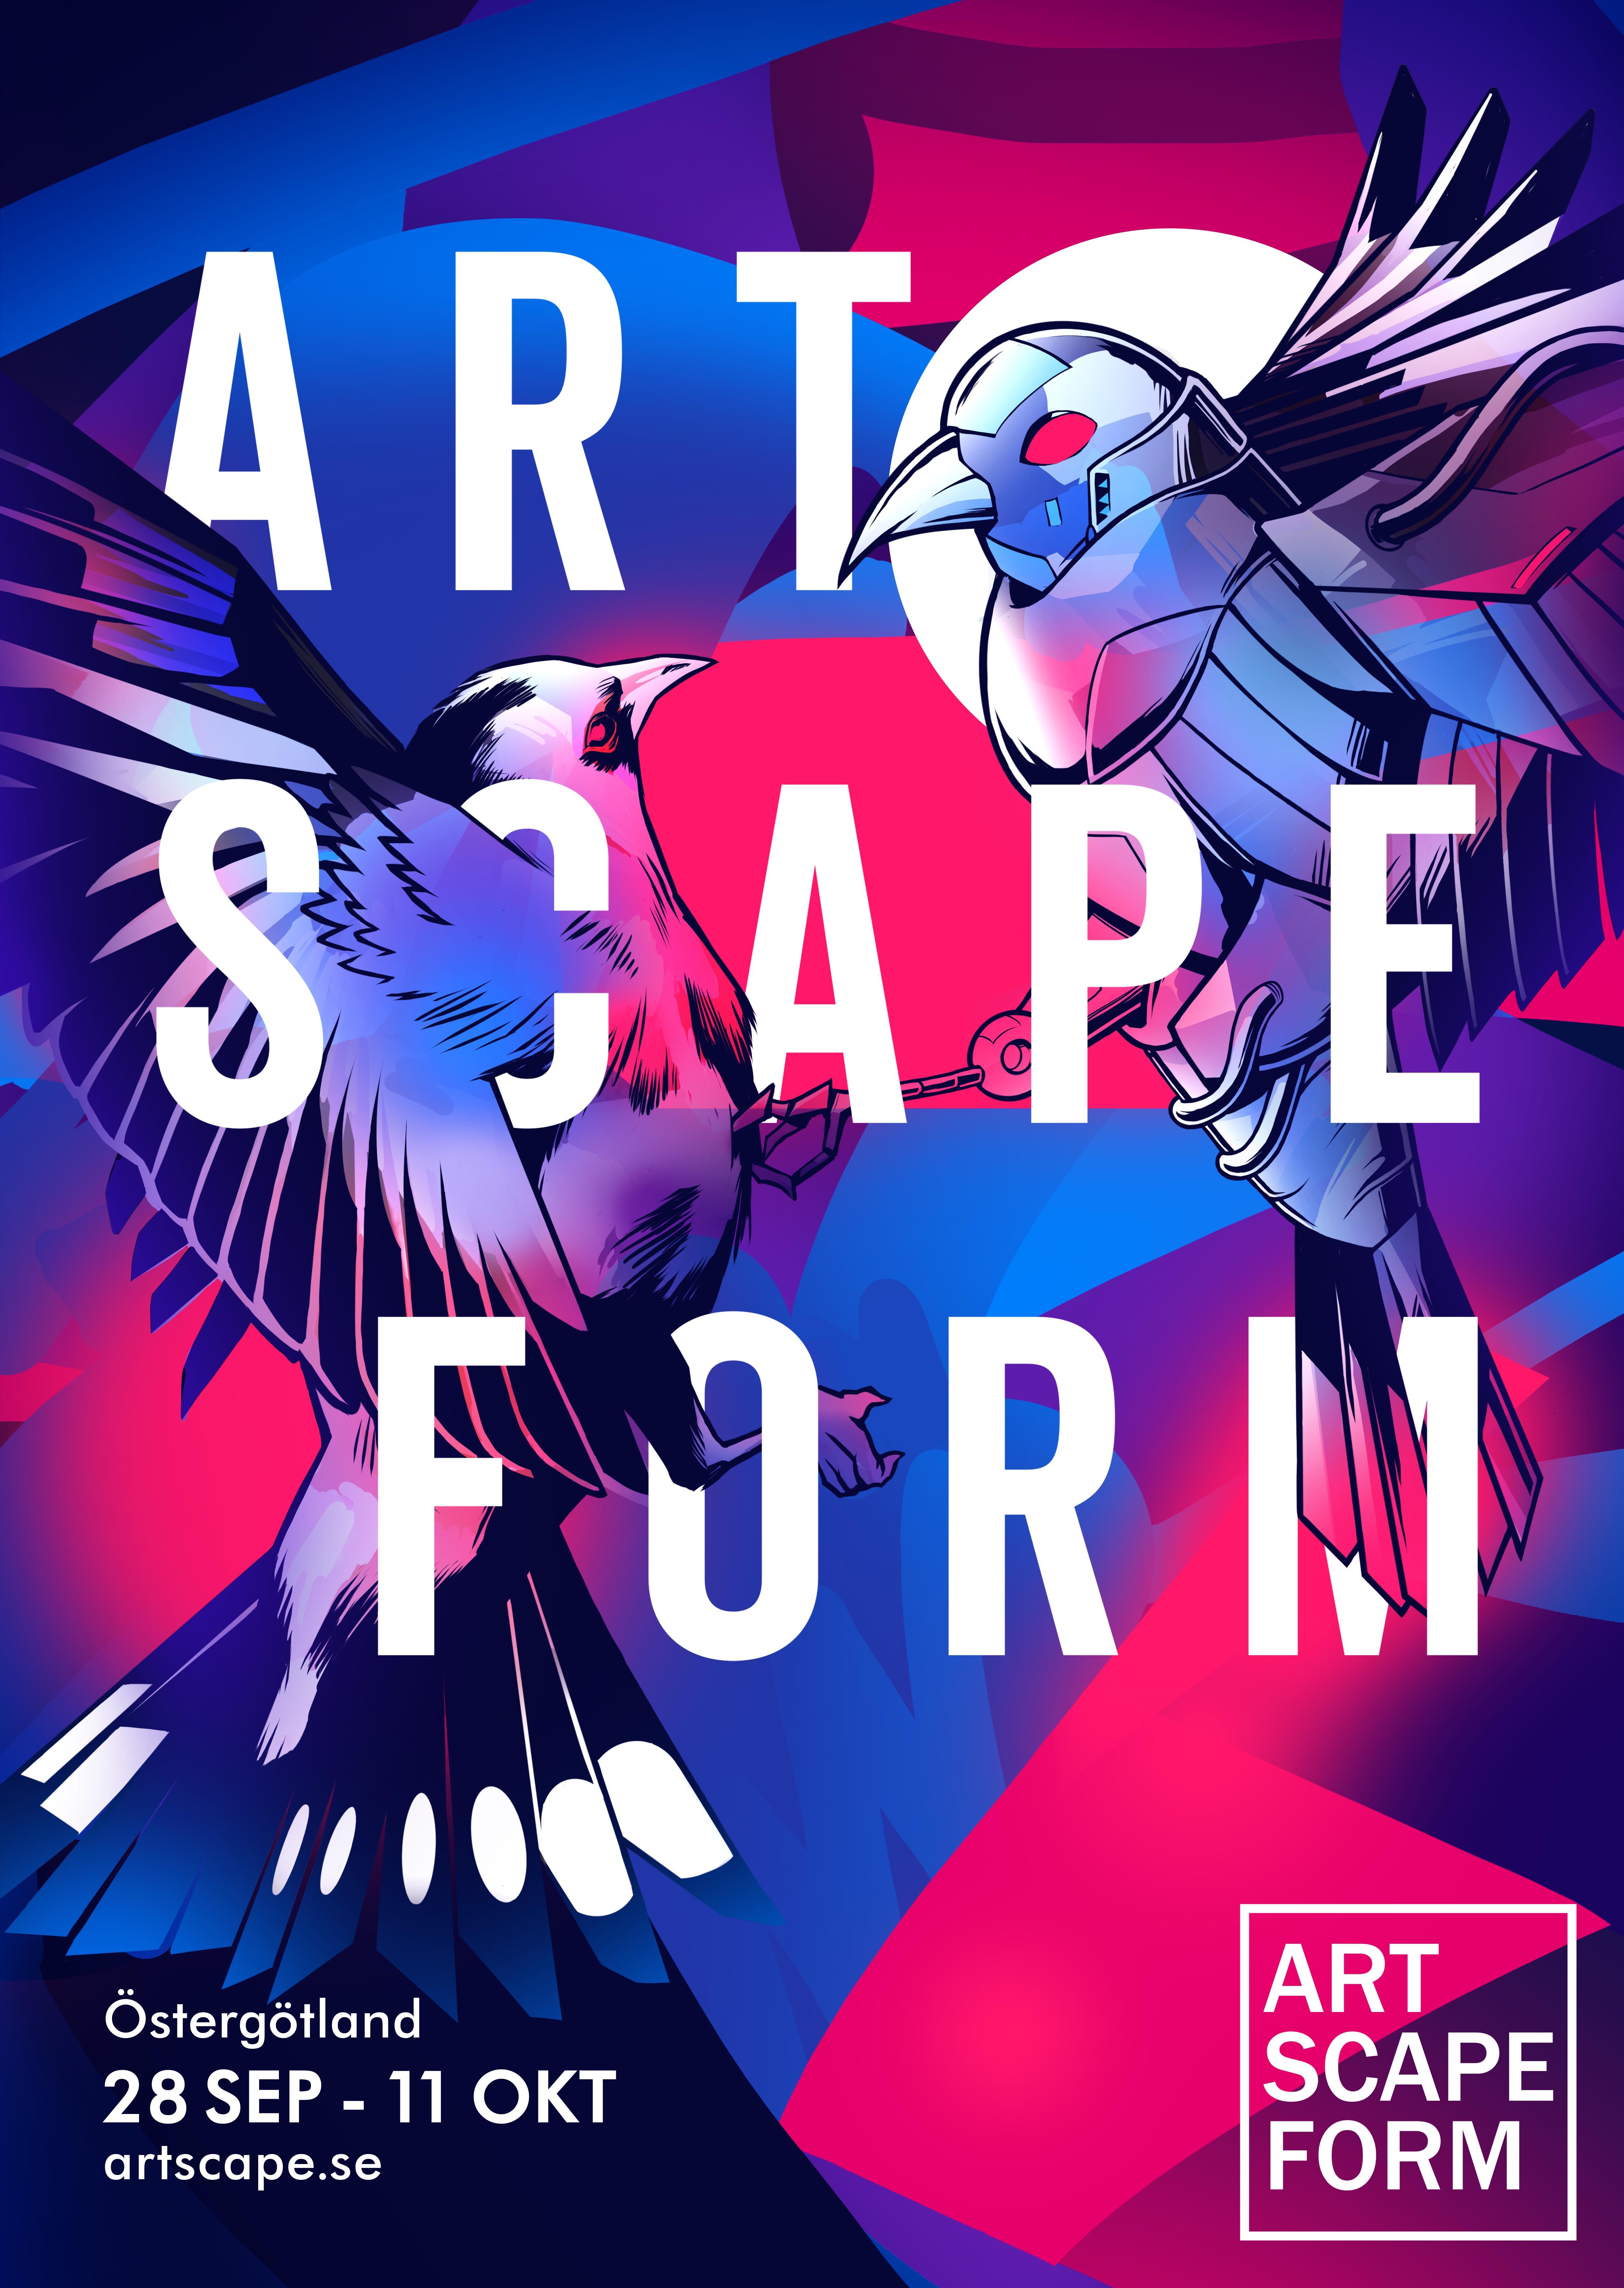 Inbjudan till pressträff ARTSCAPE FORM